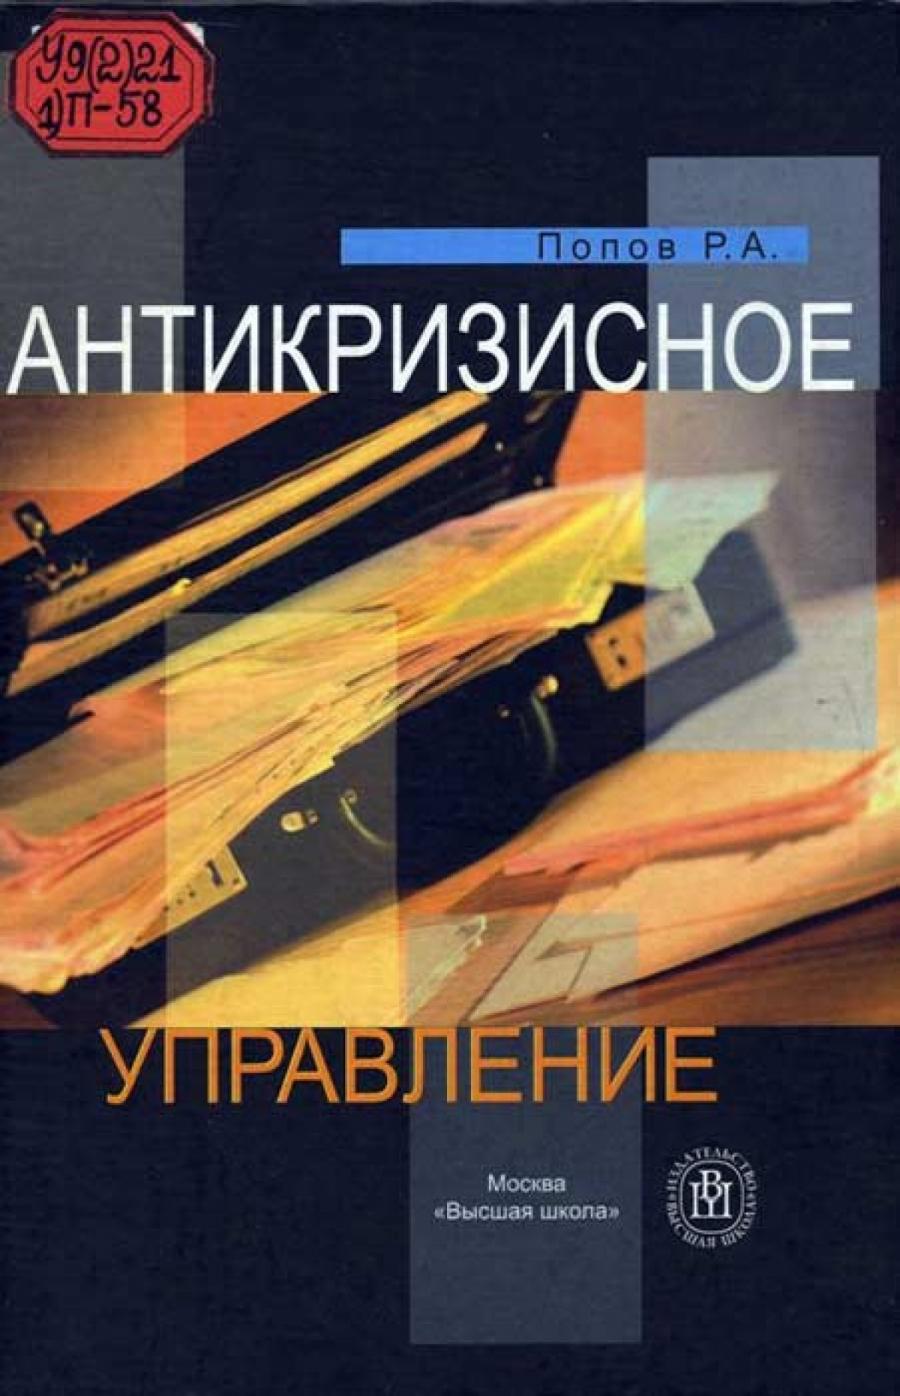 Обложка книги:  попов р.а. - антикризисное управление